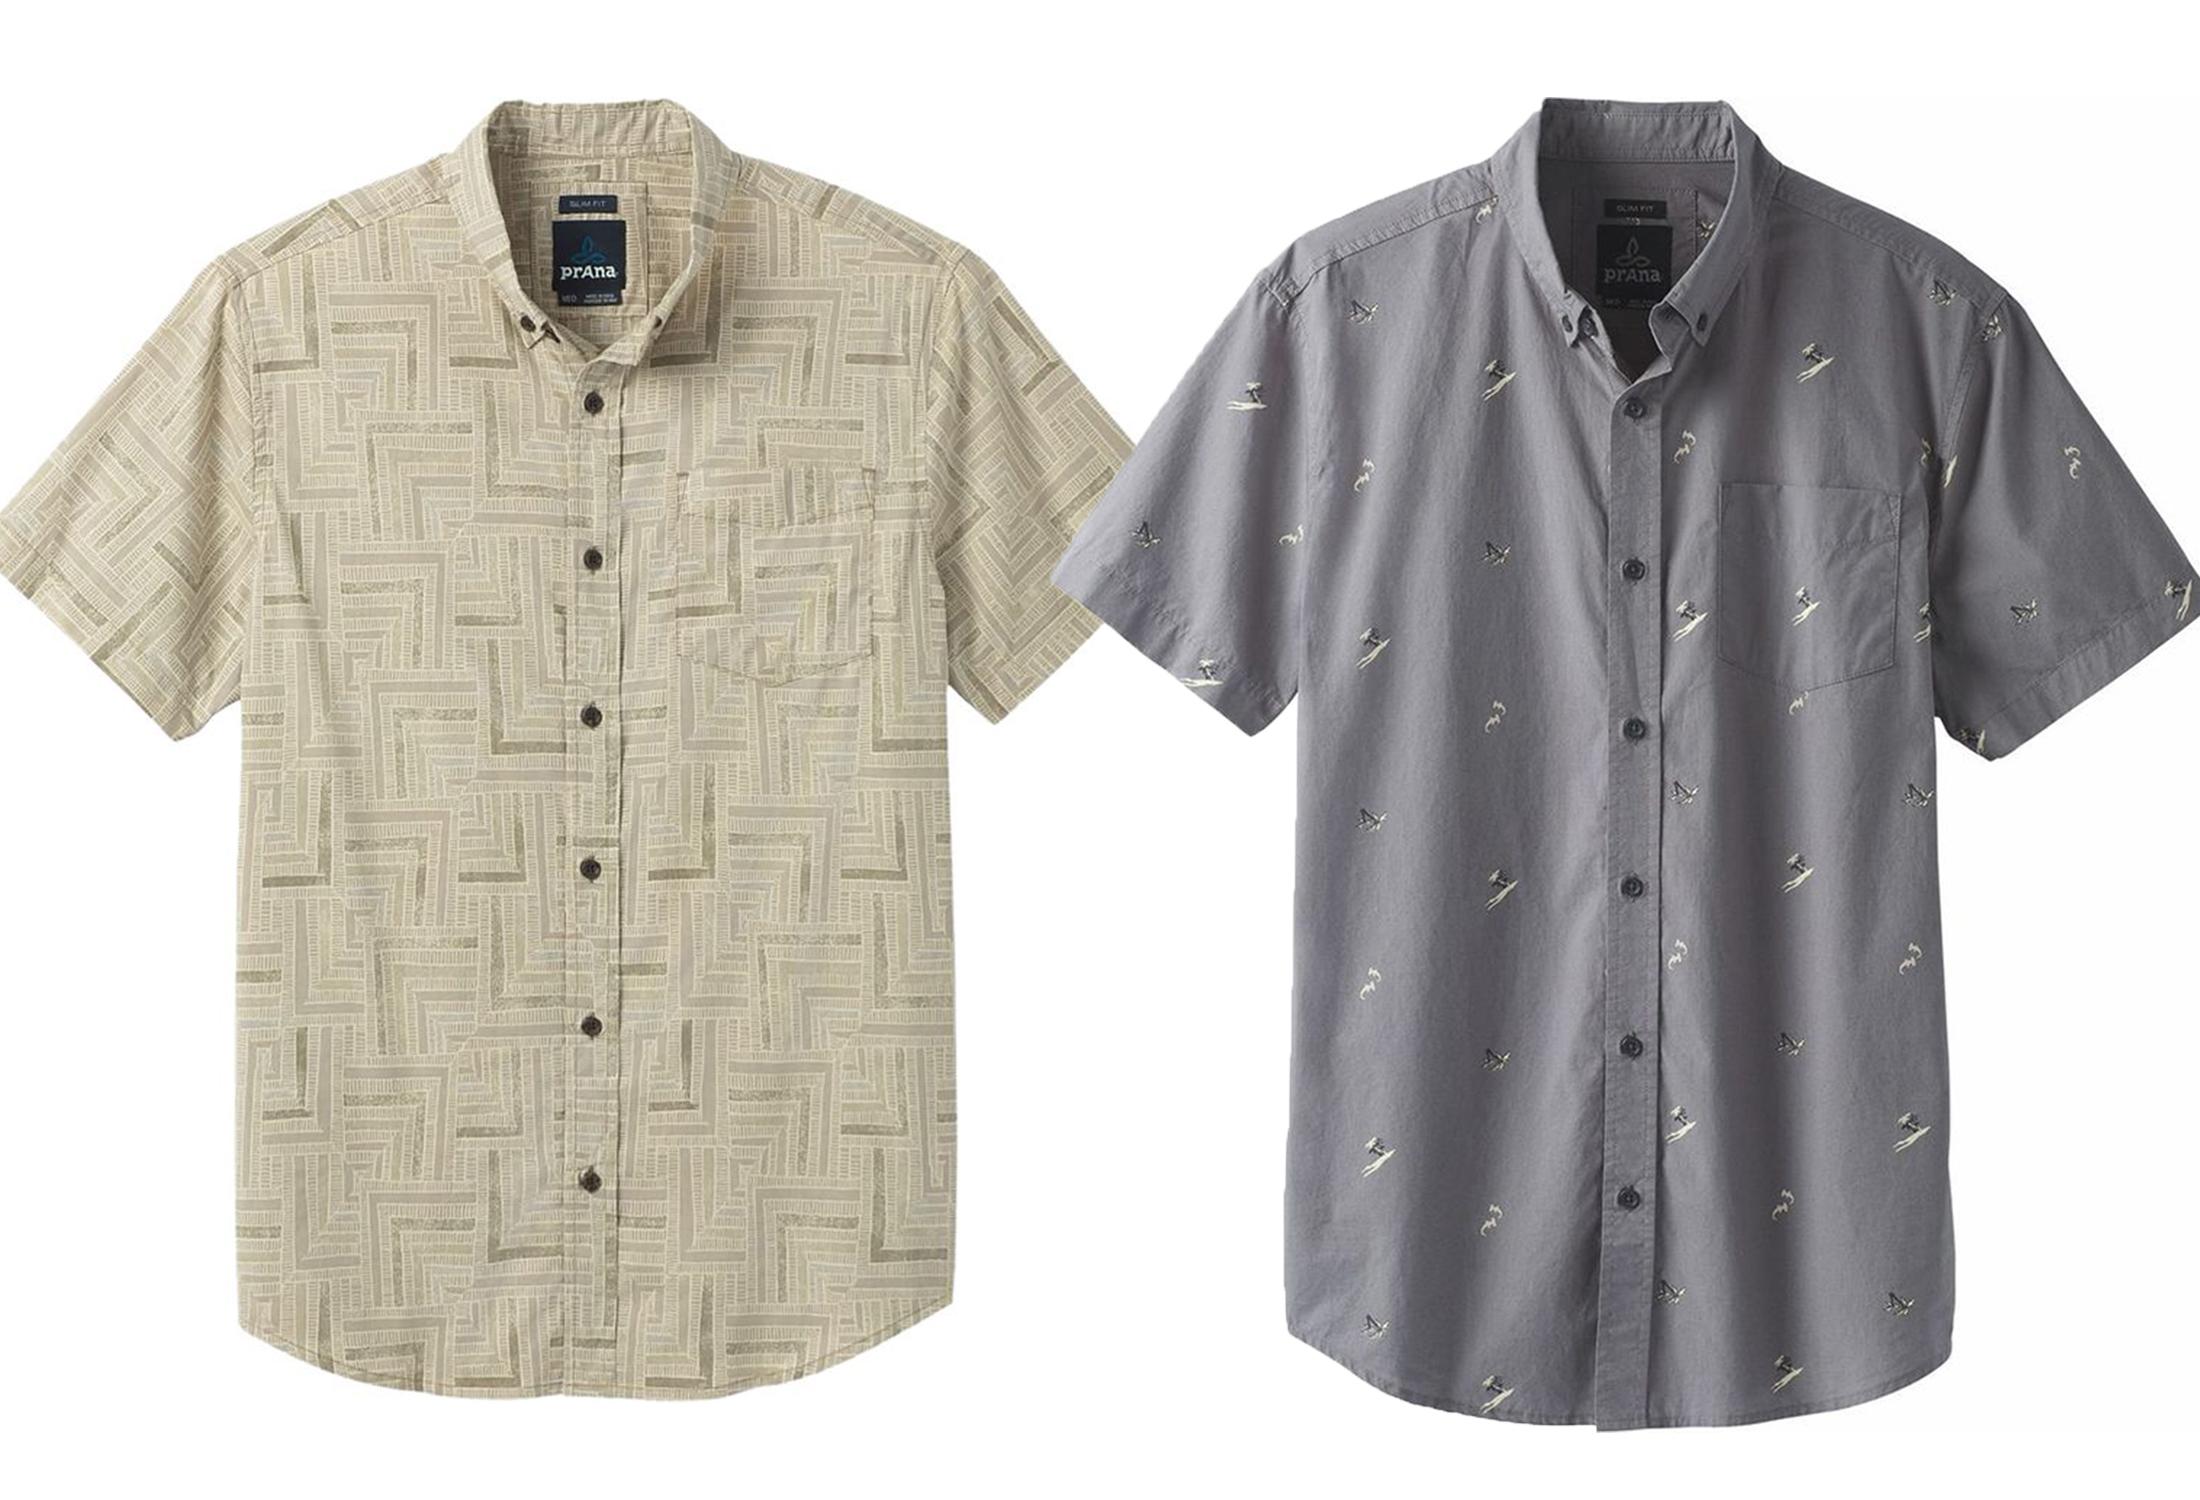 prana shirts